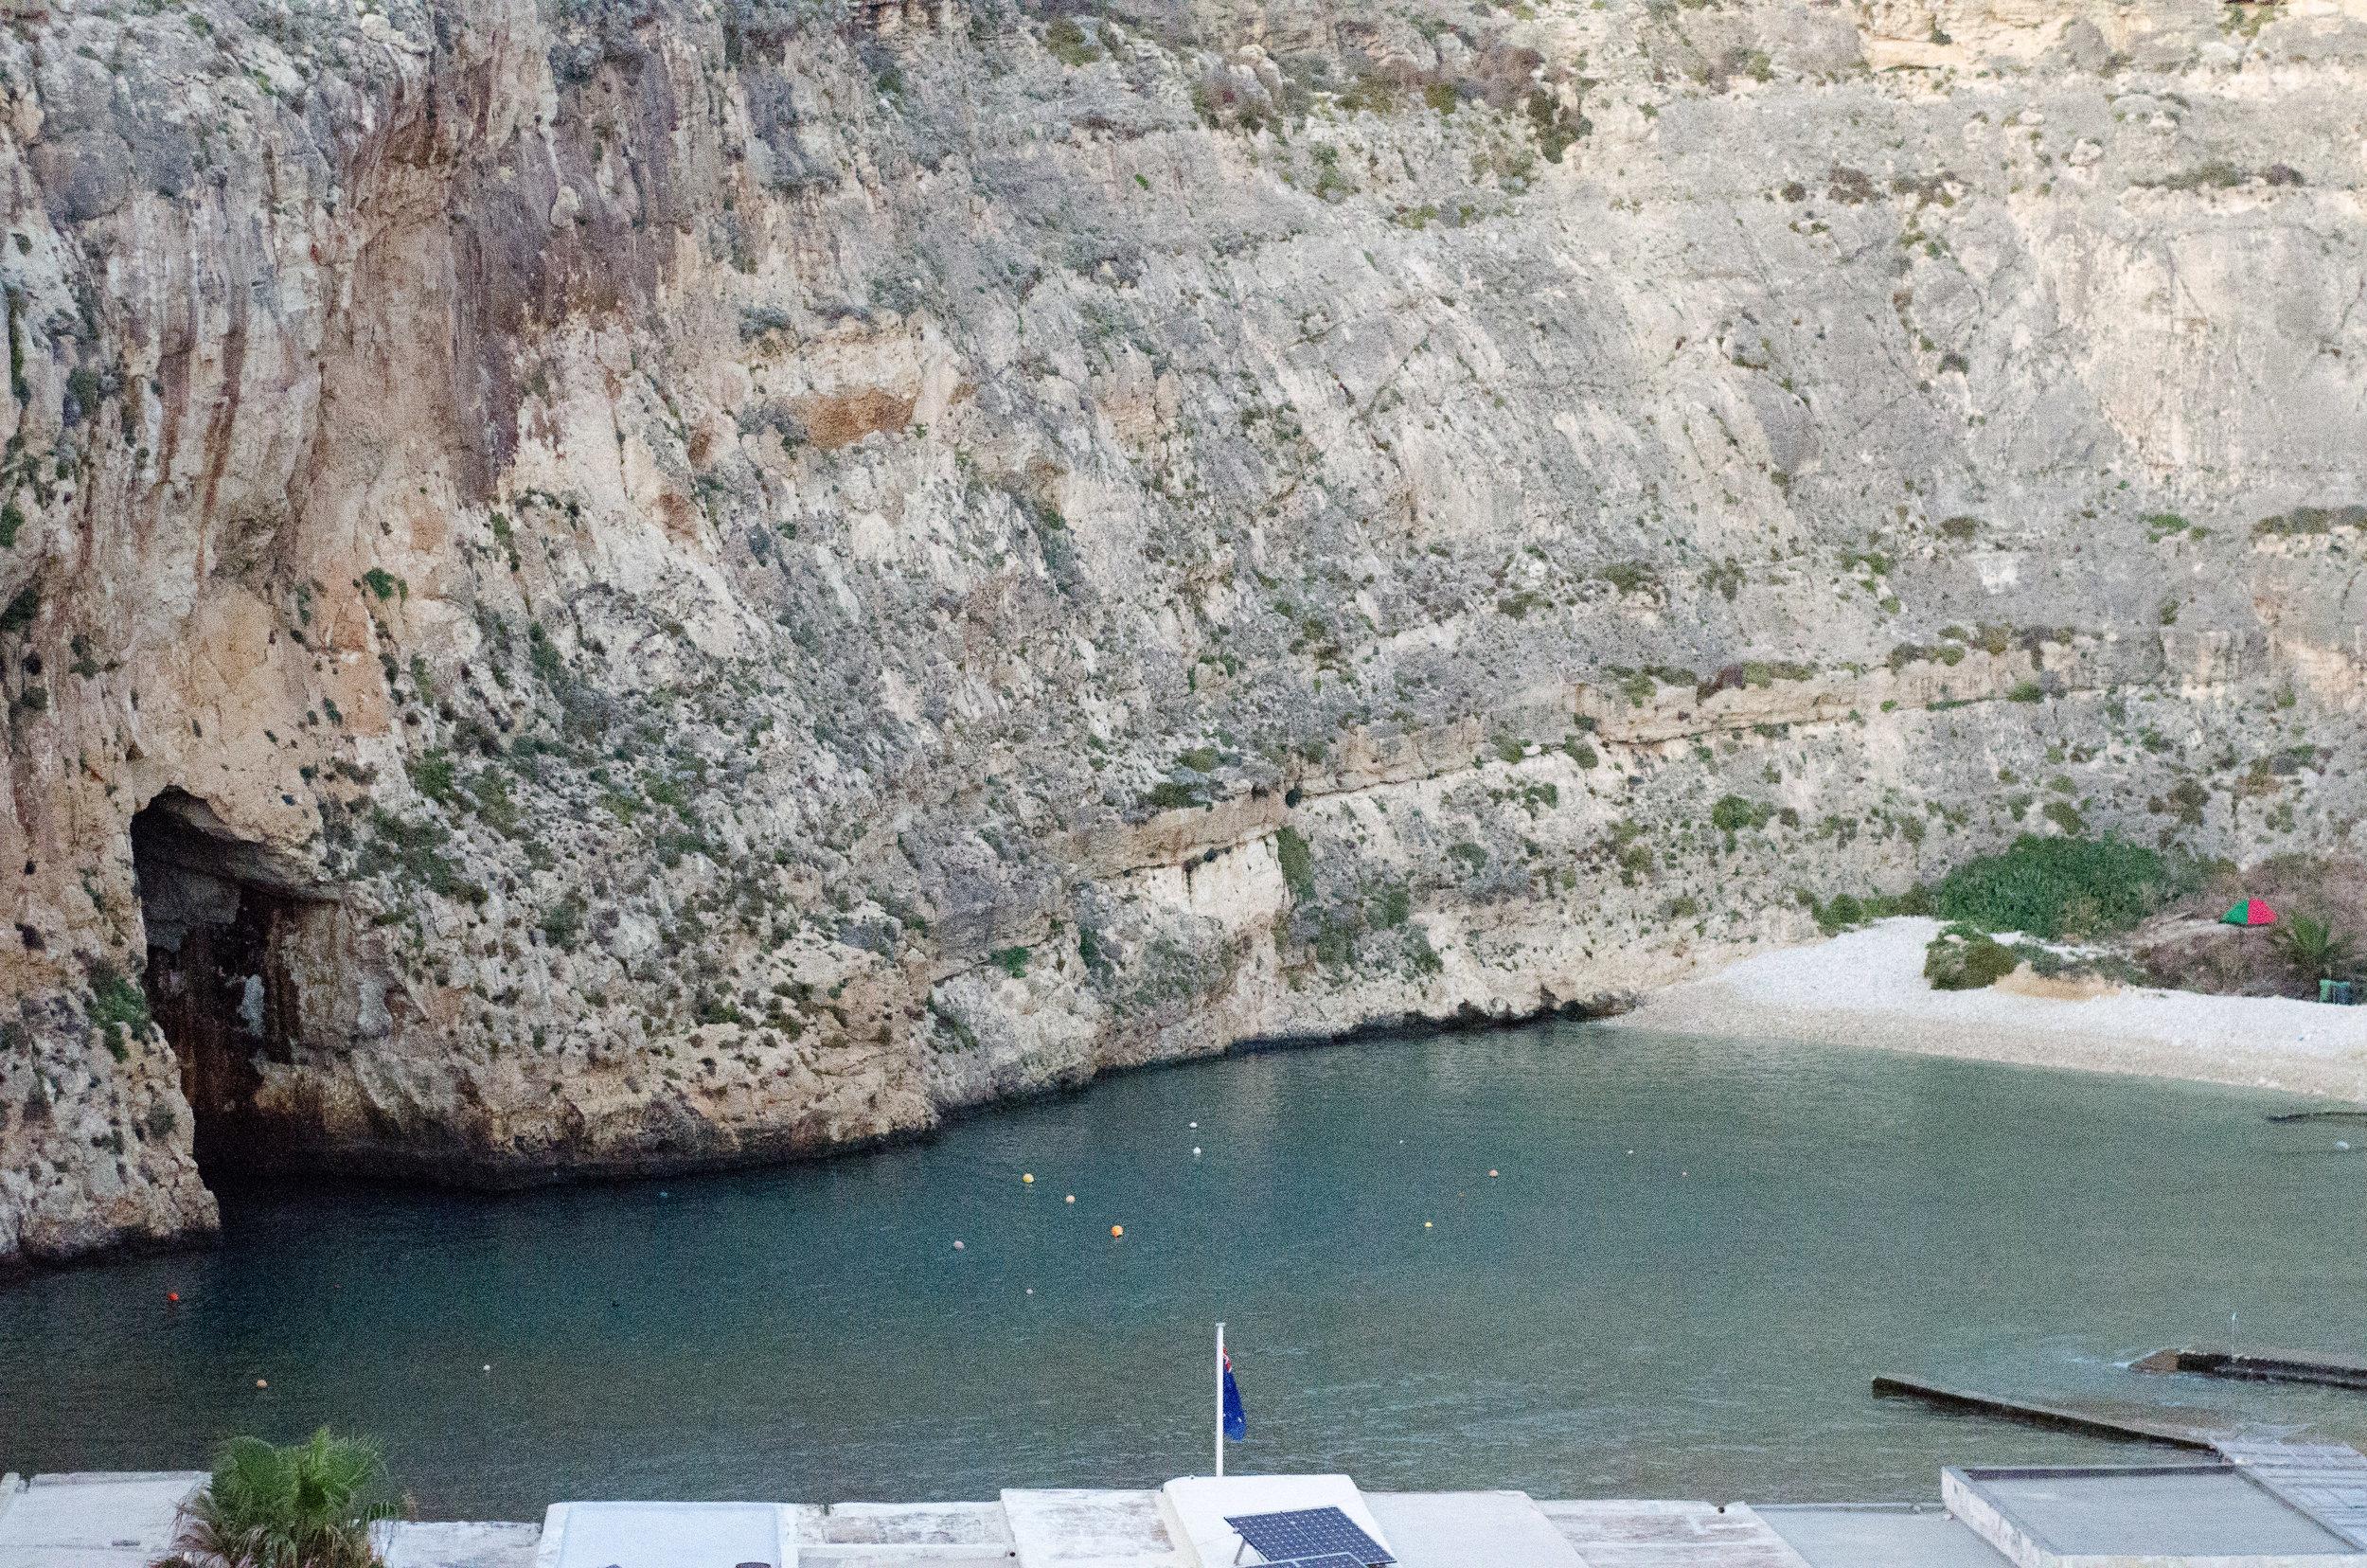 Морське око - басейн води доволі далеко на острові, з тунелем до моря.